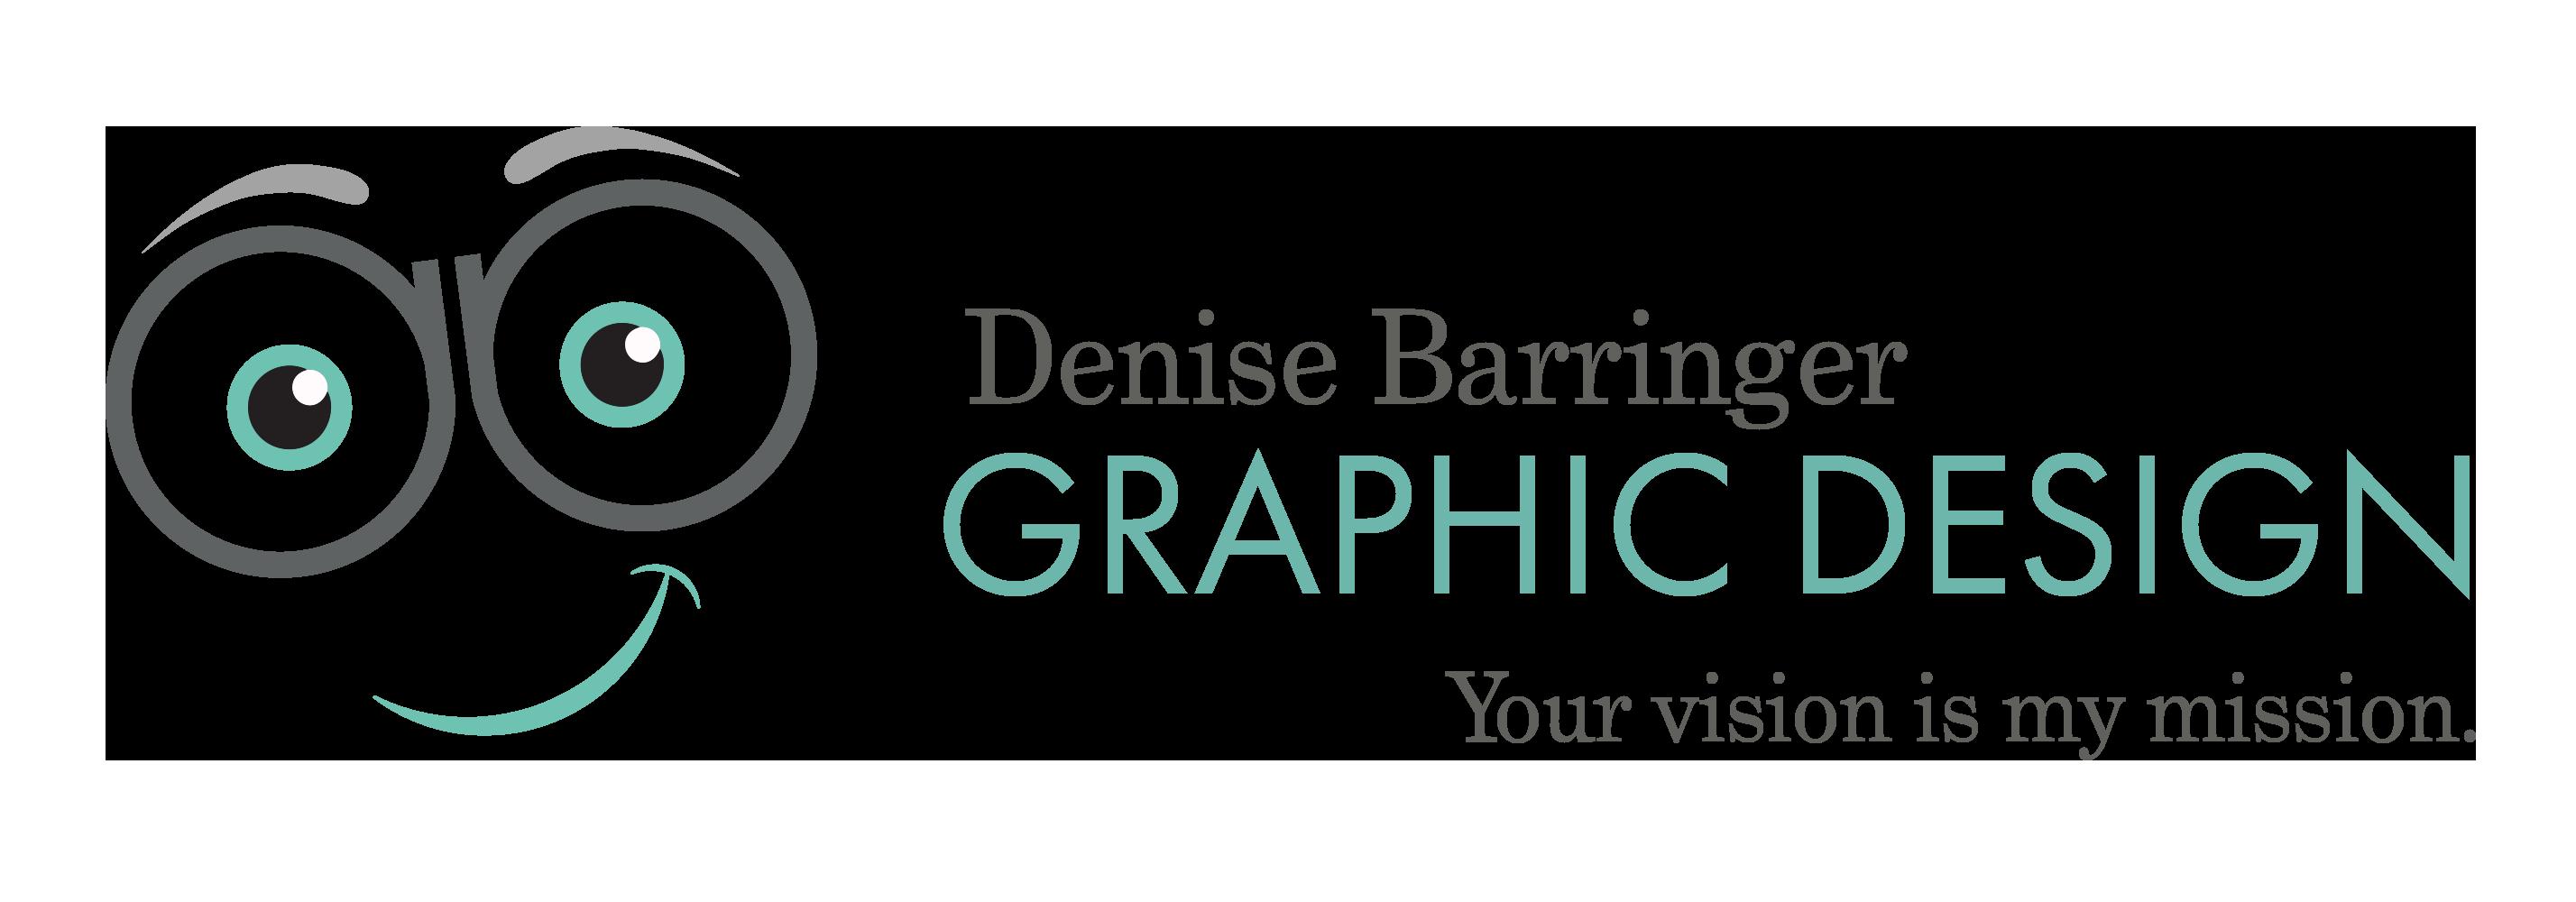 Denise Barringer